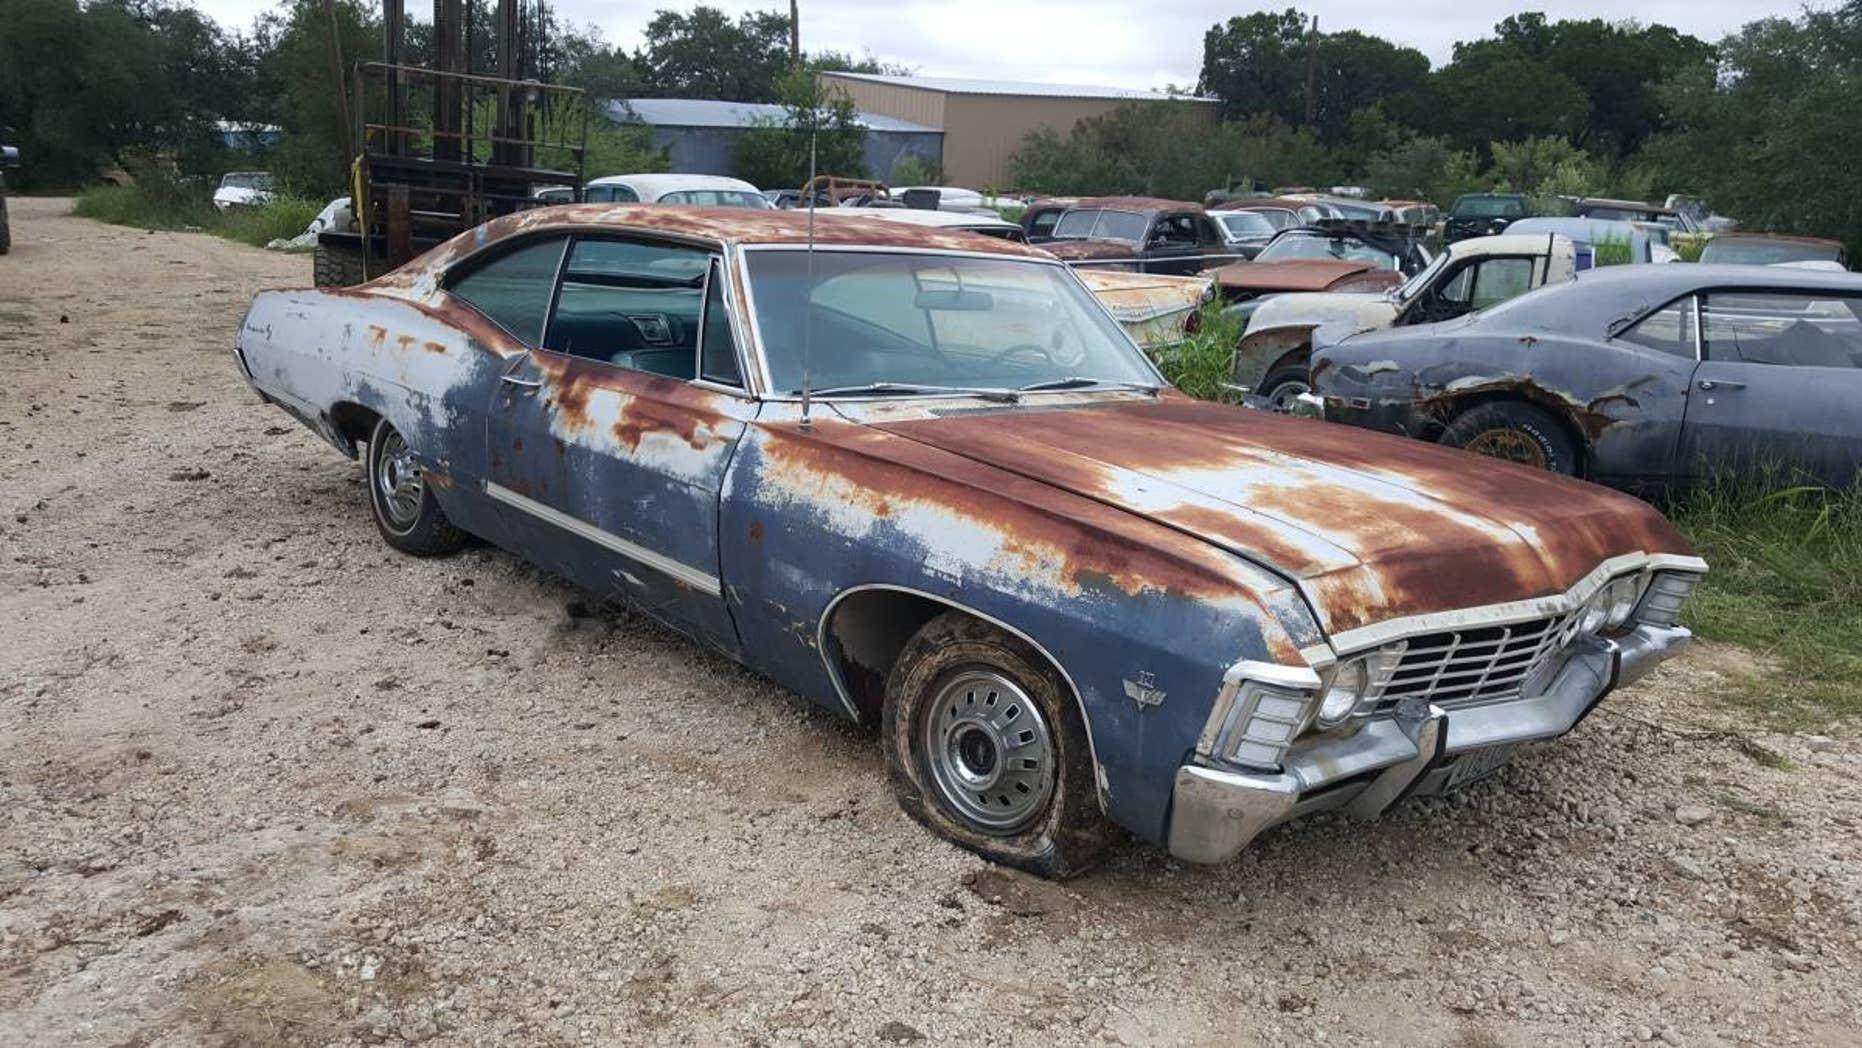 Cancer Survivor's 250 Car Collection